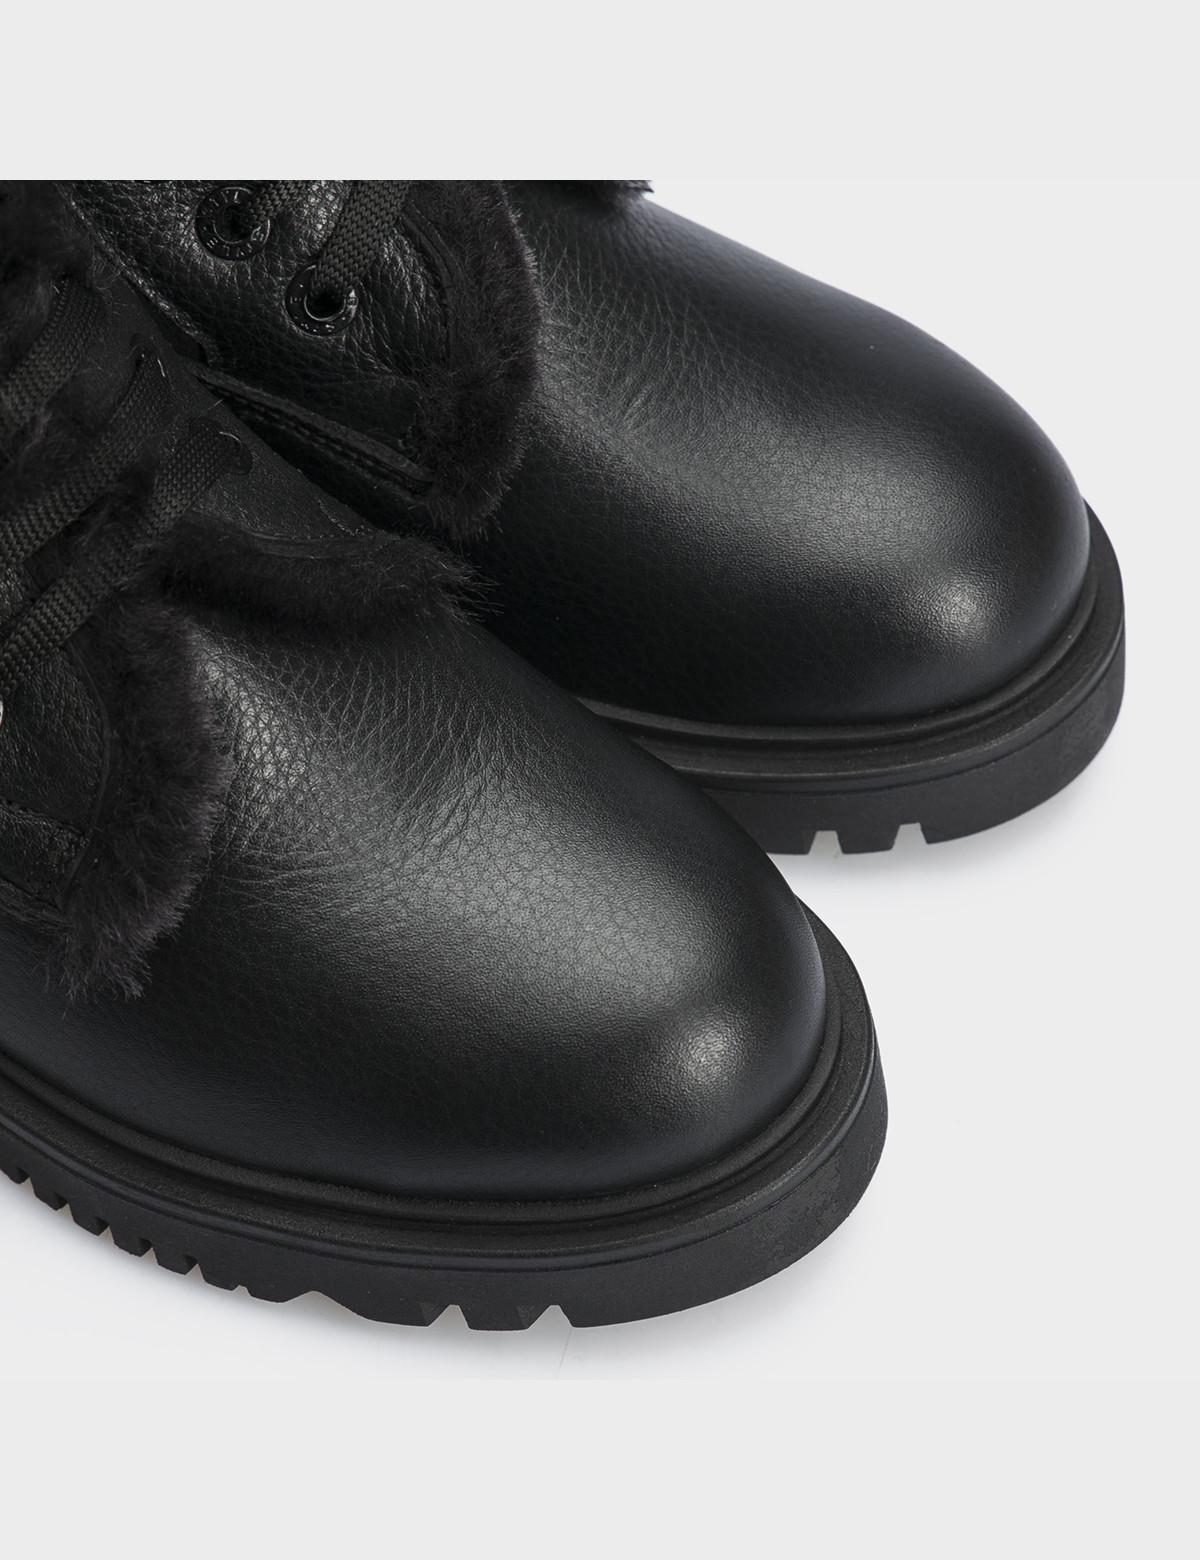 Ботинки черные,натуральная кожа. Шерсть5